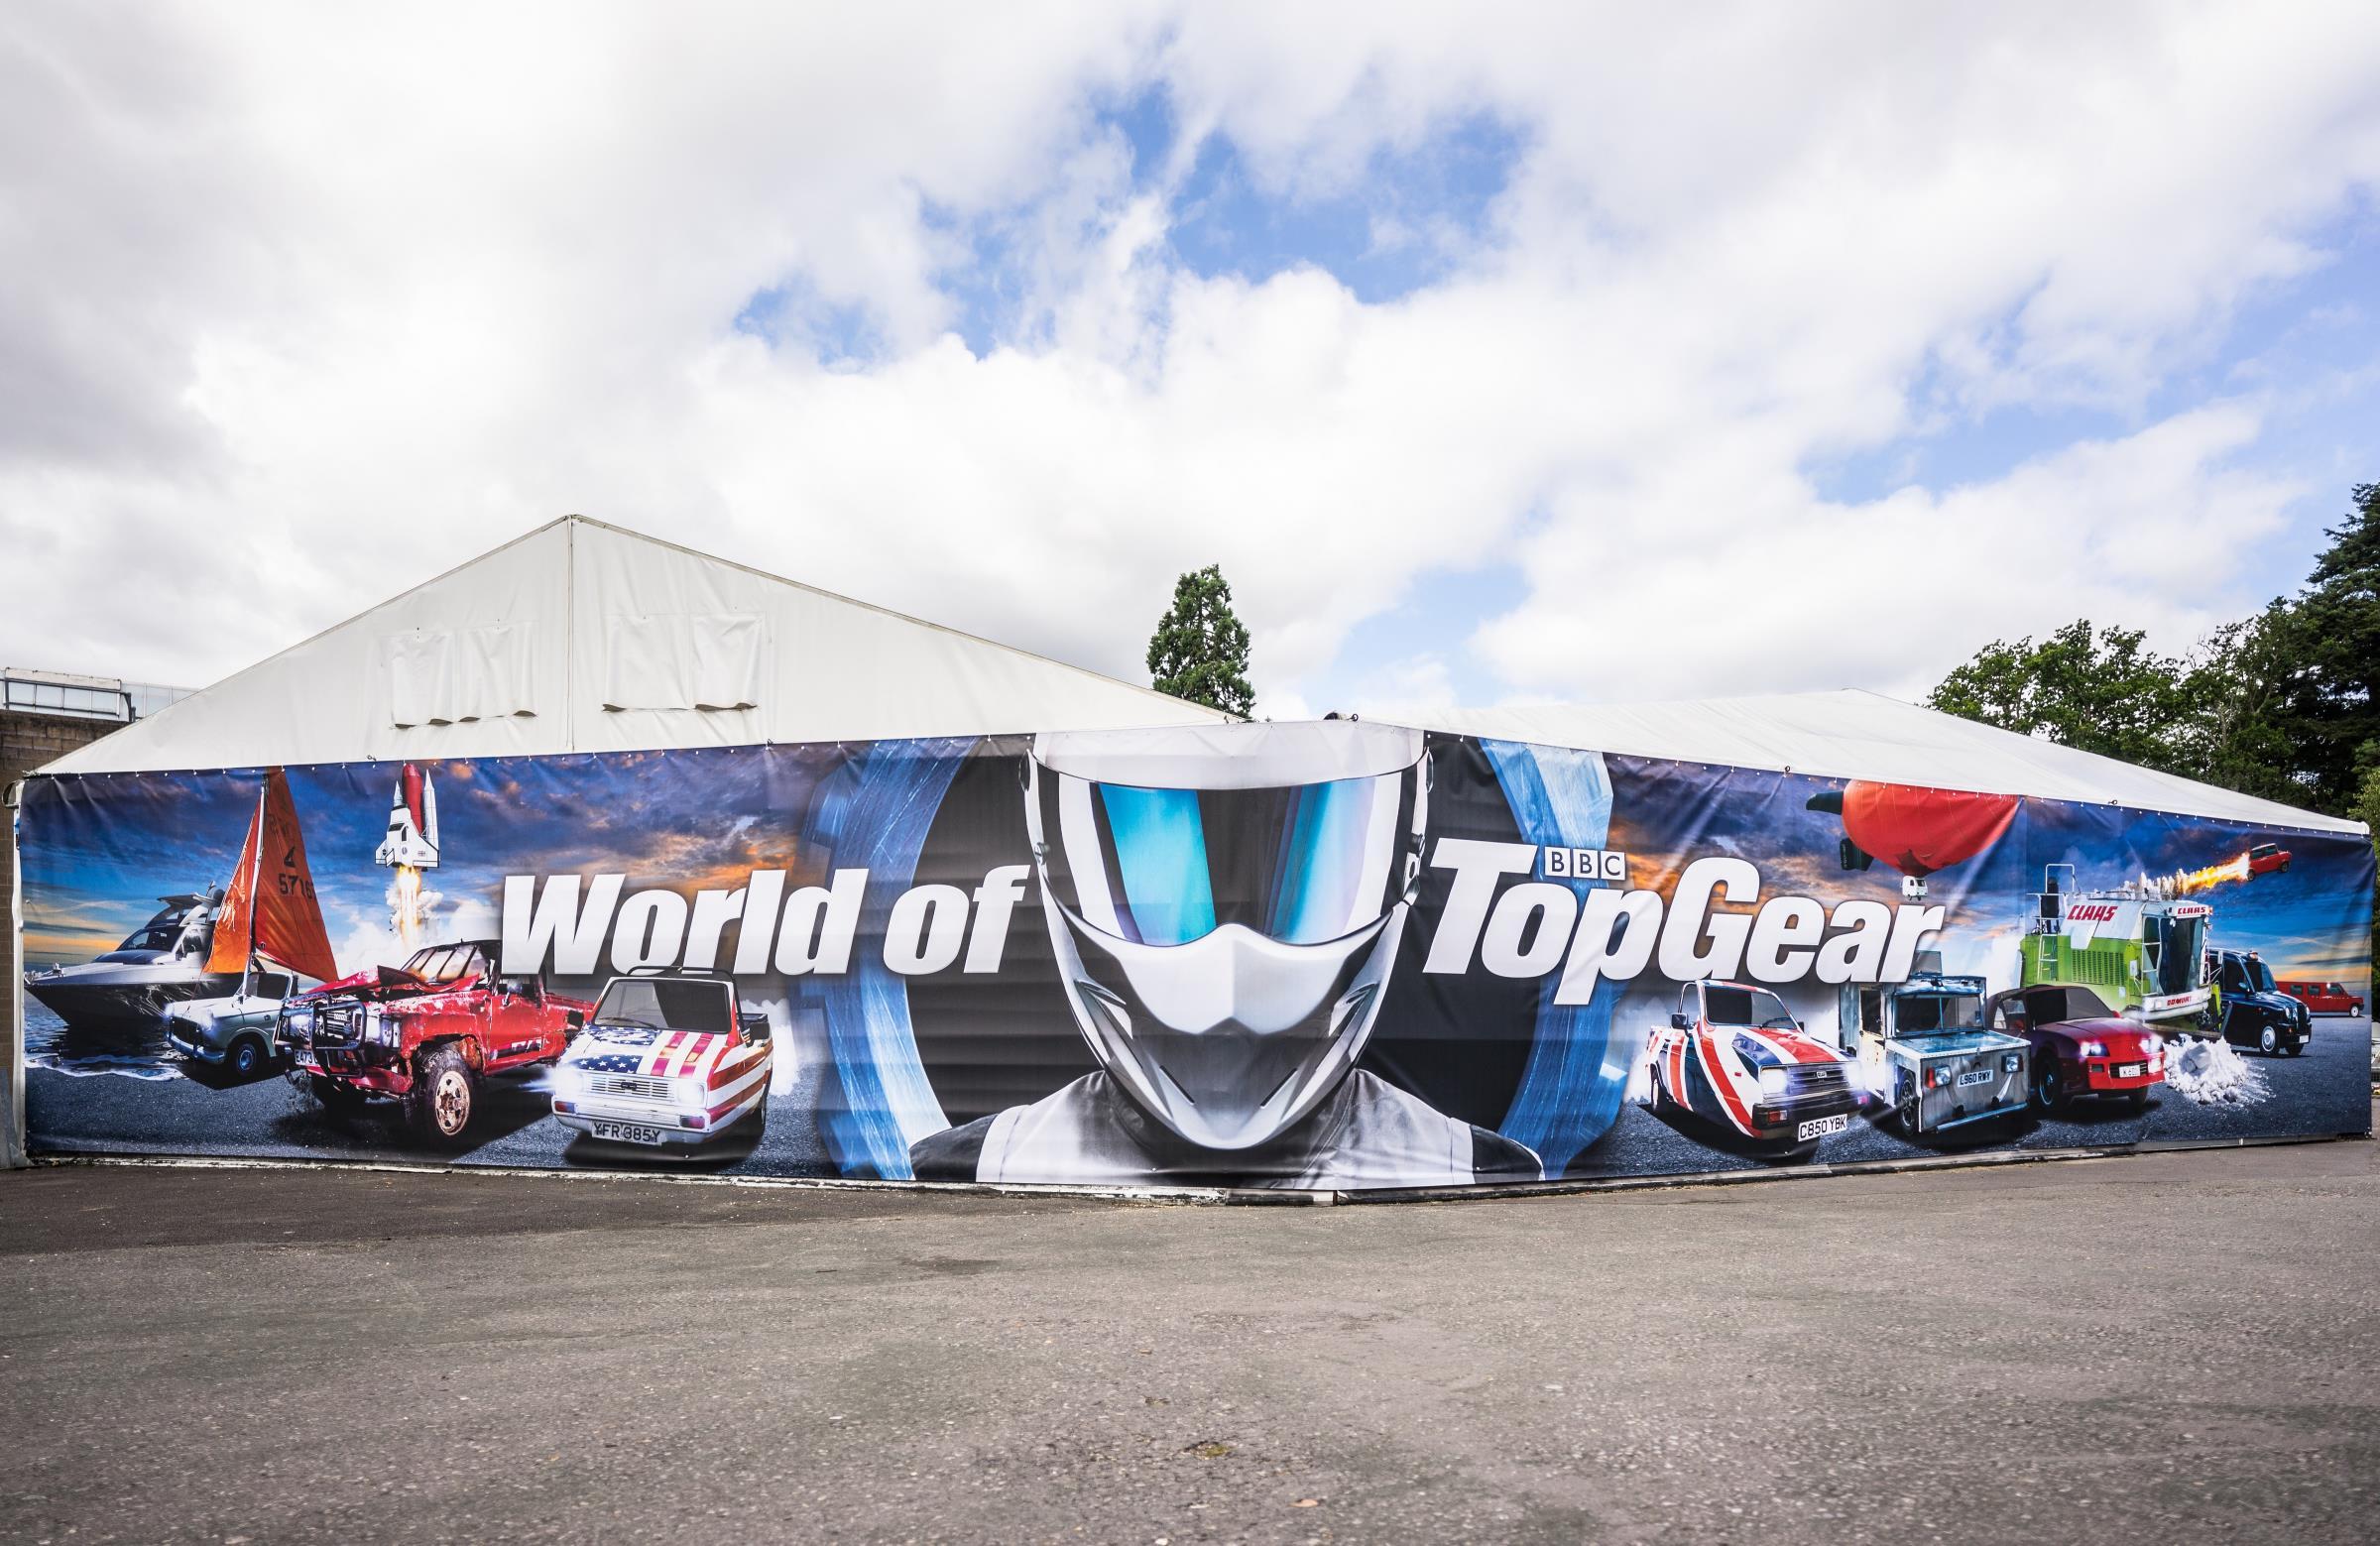 World of Top Gear, Beaulieu